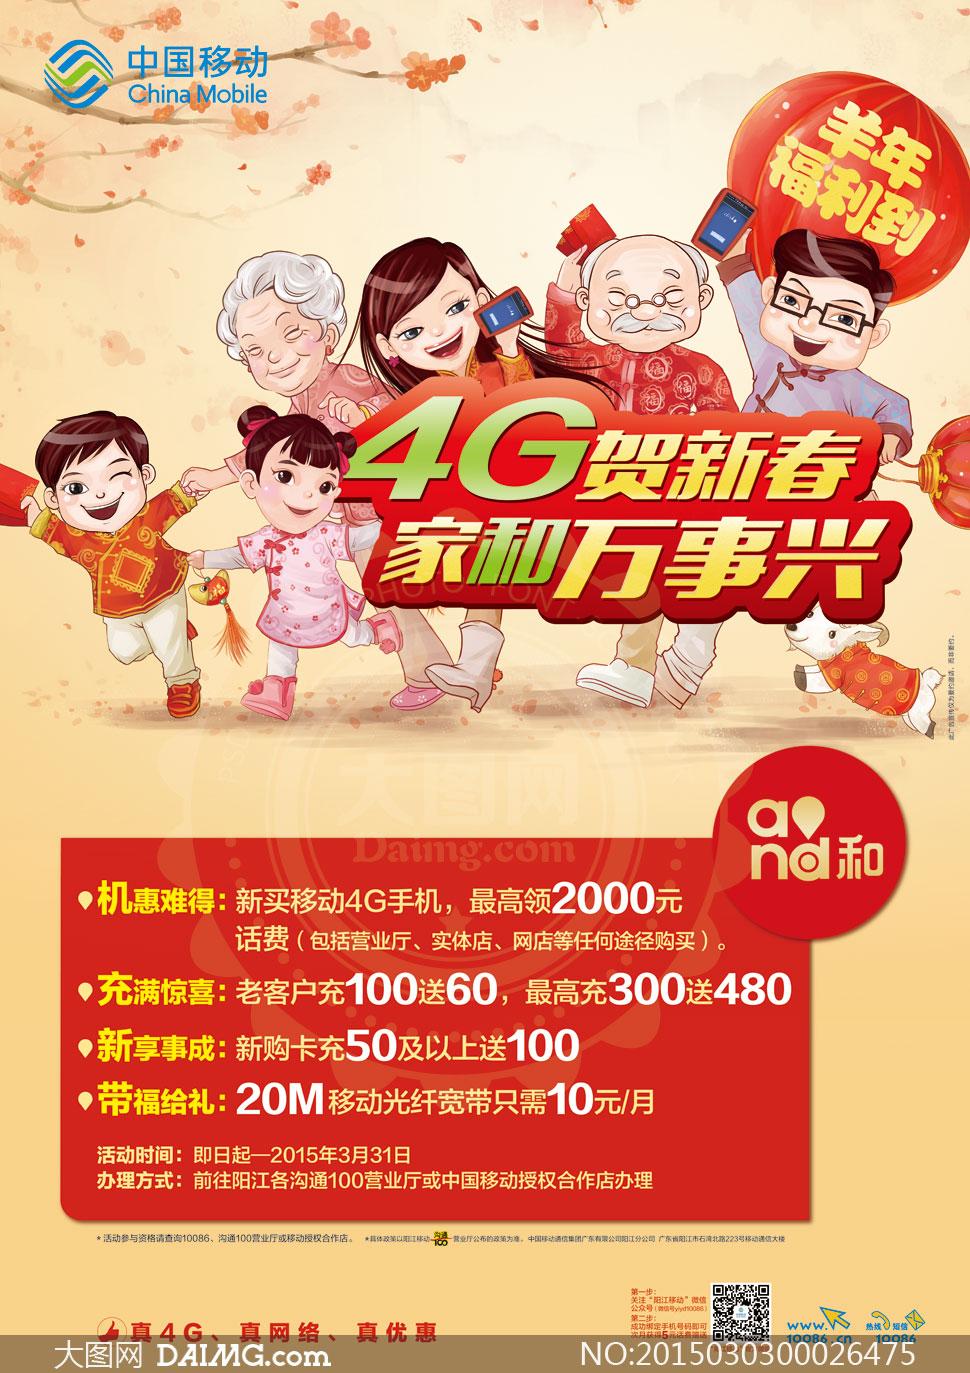 中国移动4g新春活动海报psd源文件